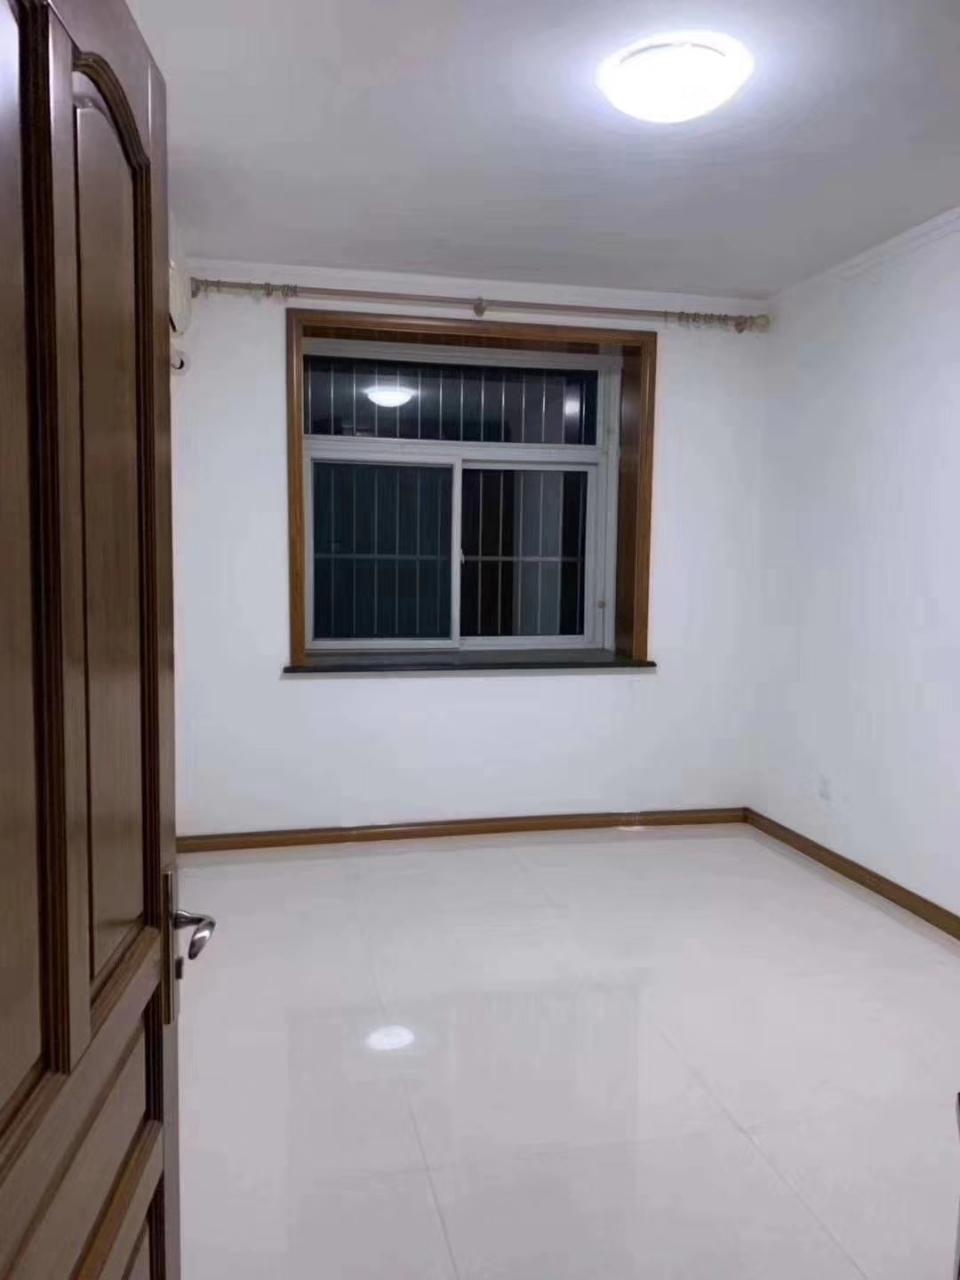 九龙居2室,98平简装,带车库,双证可按揭